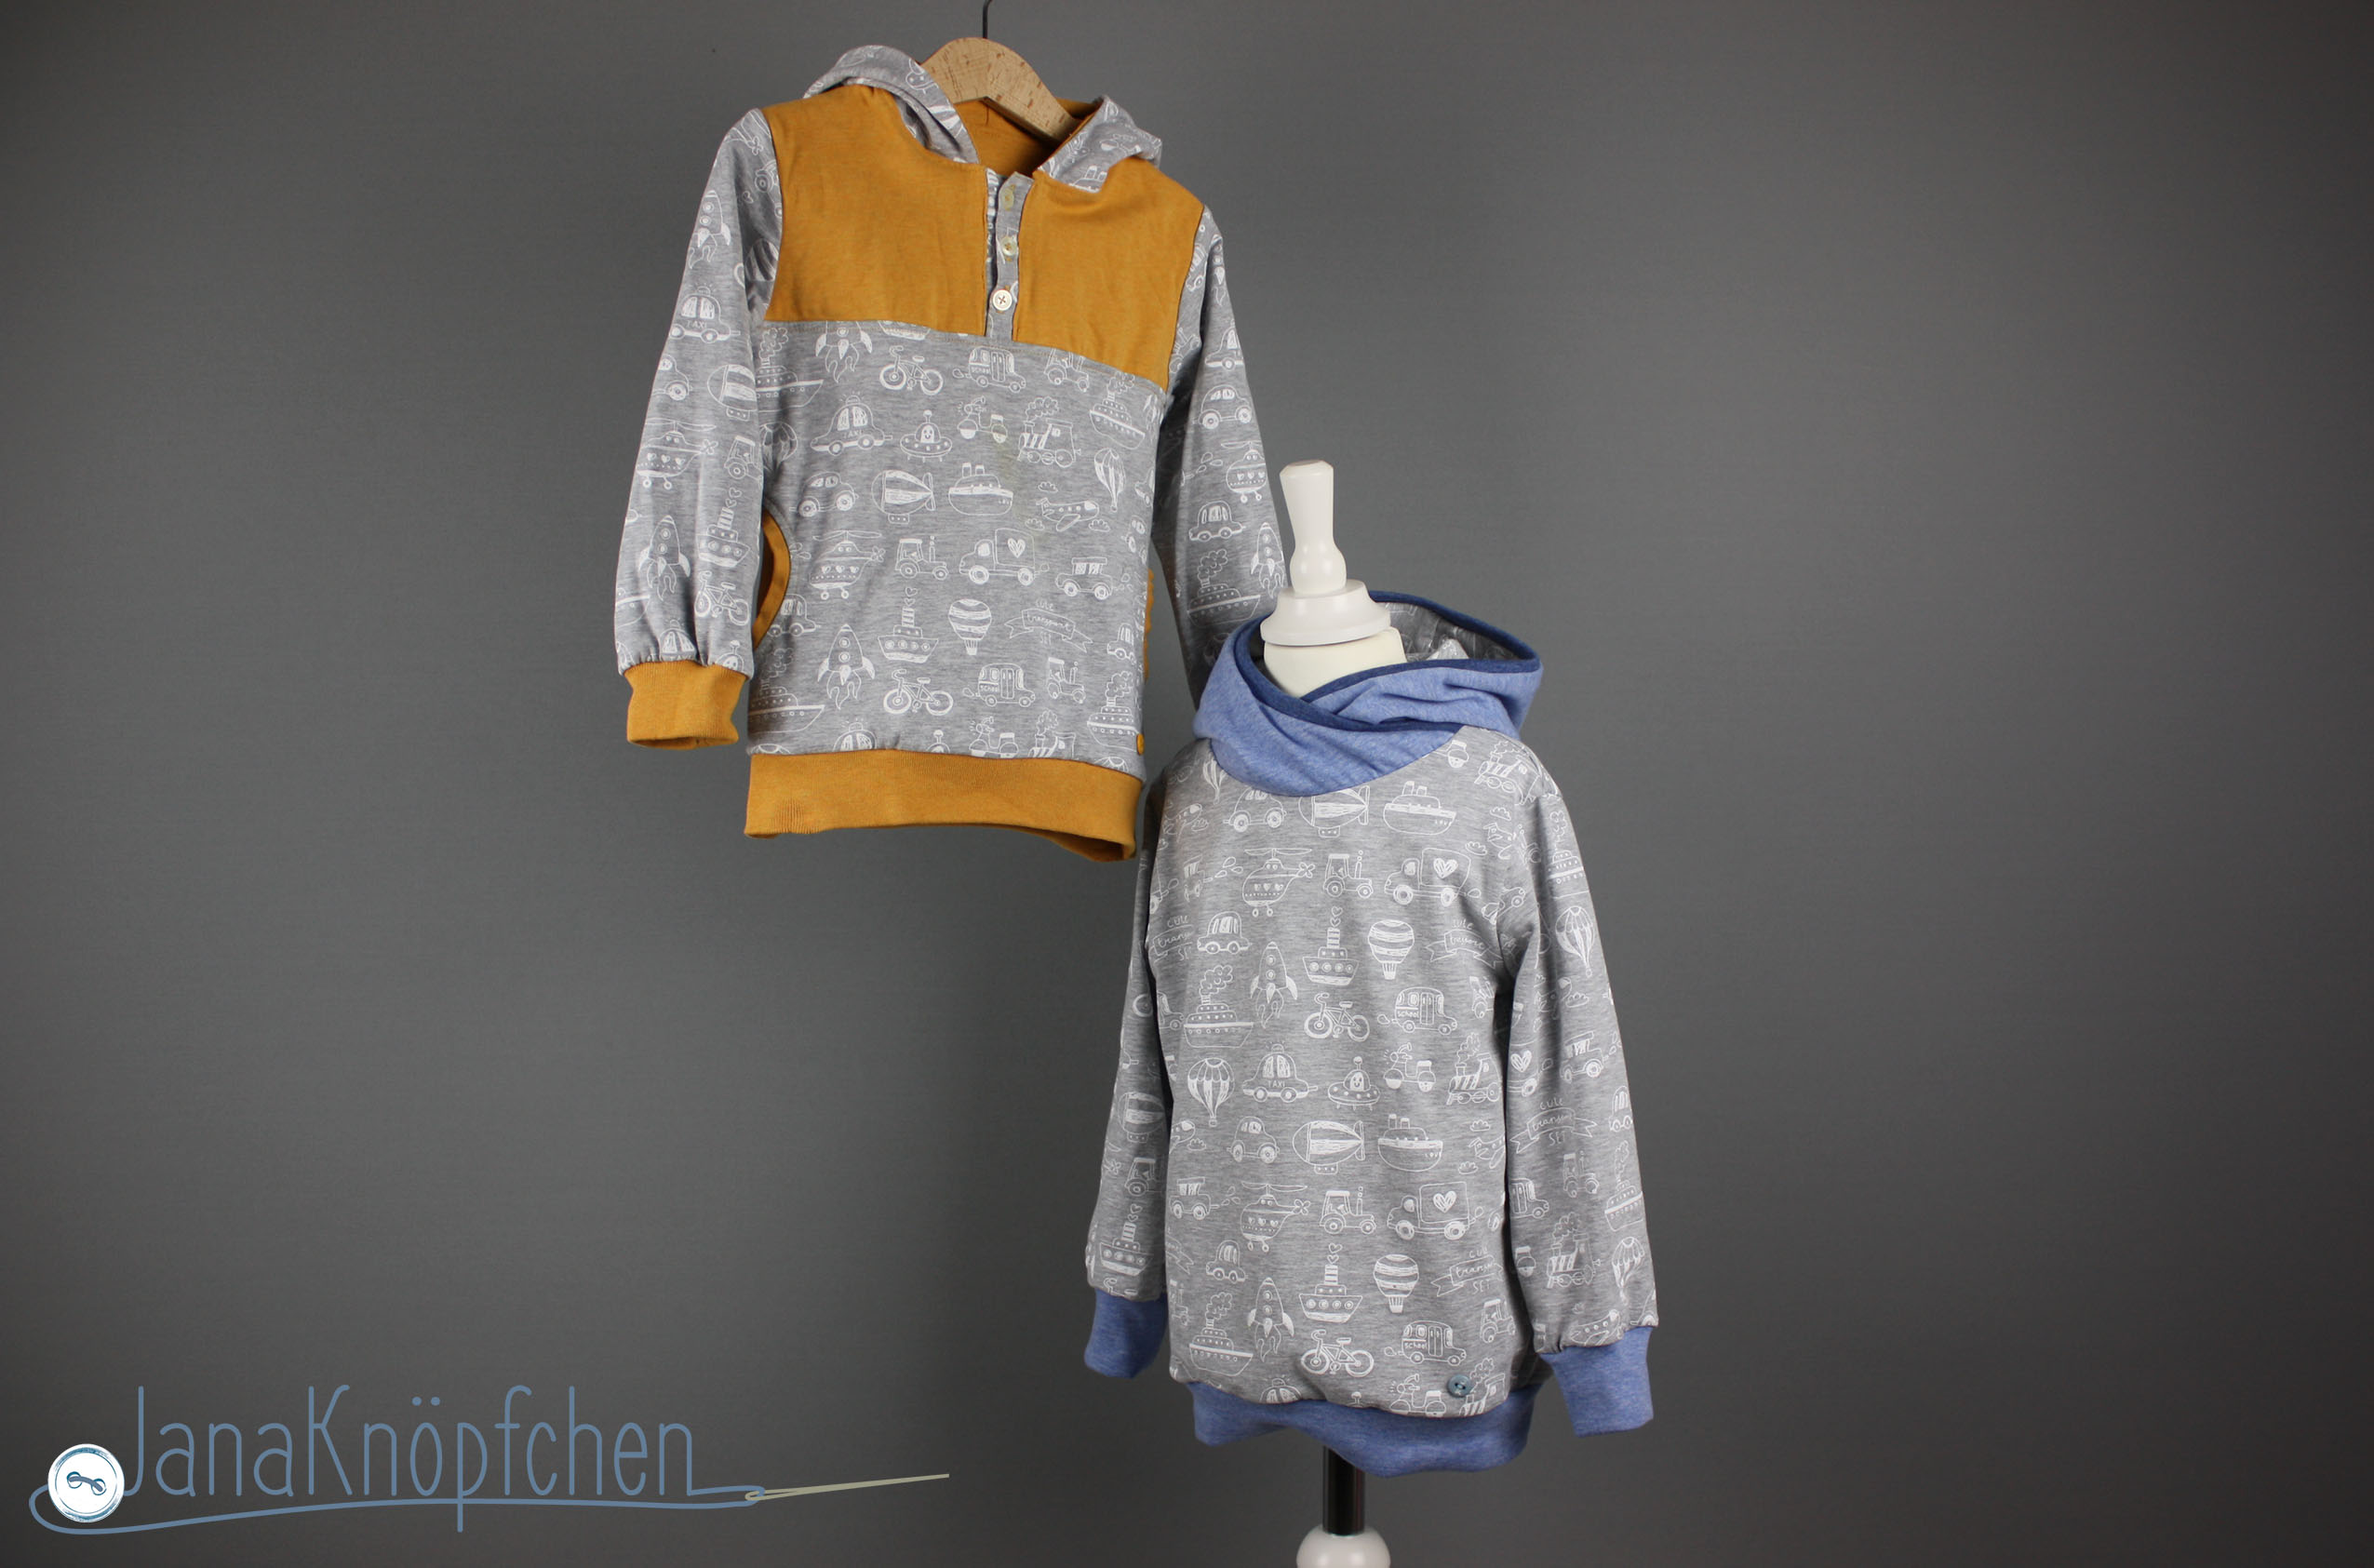 zwei hoodies mit autos naehen.Jahresrückblick auf die Nähprojekt des Nähblogs JanaKnöpfchen - Nähen für Jungs